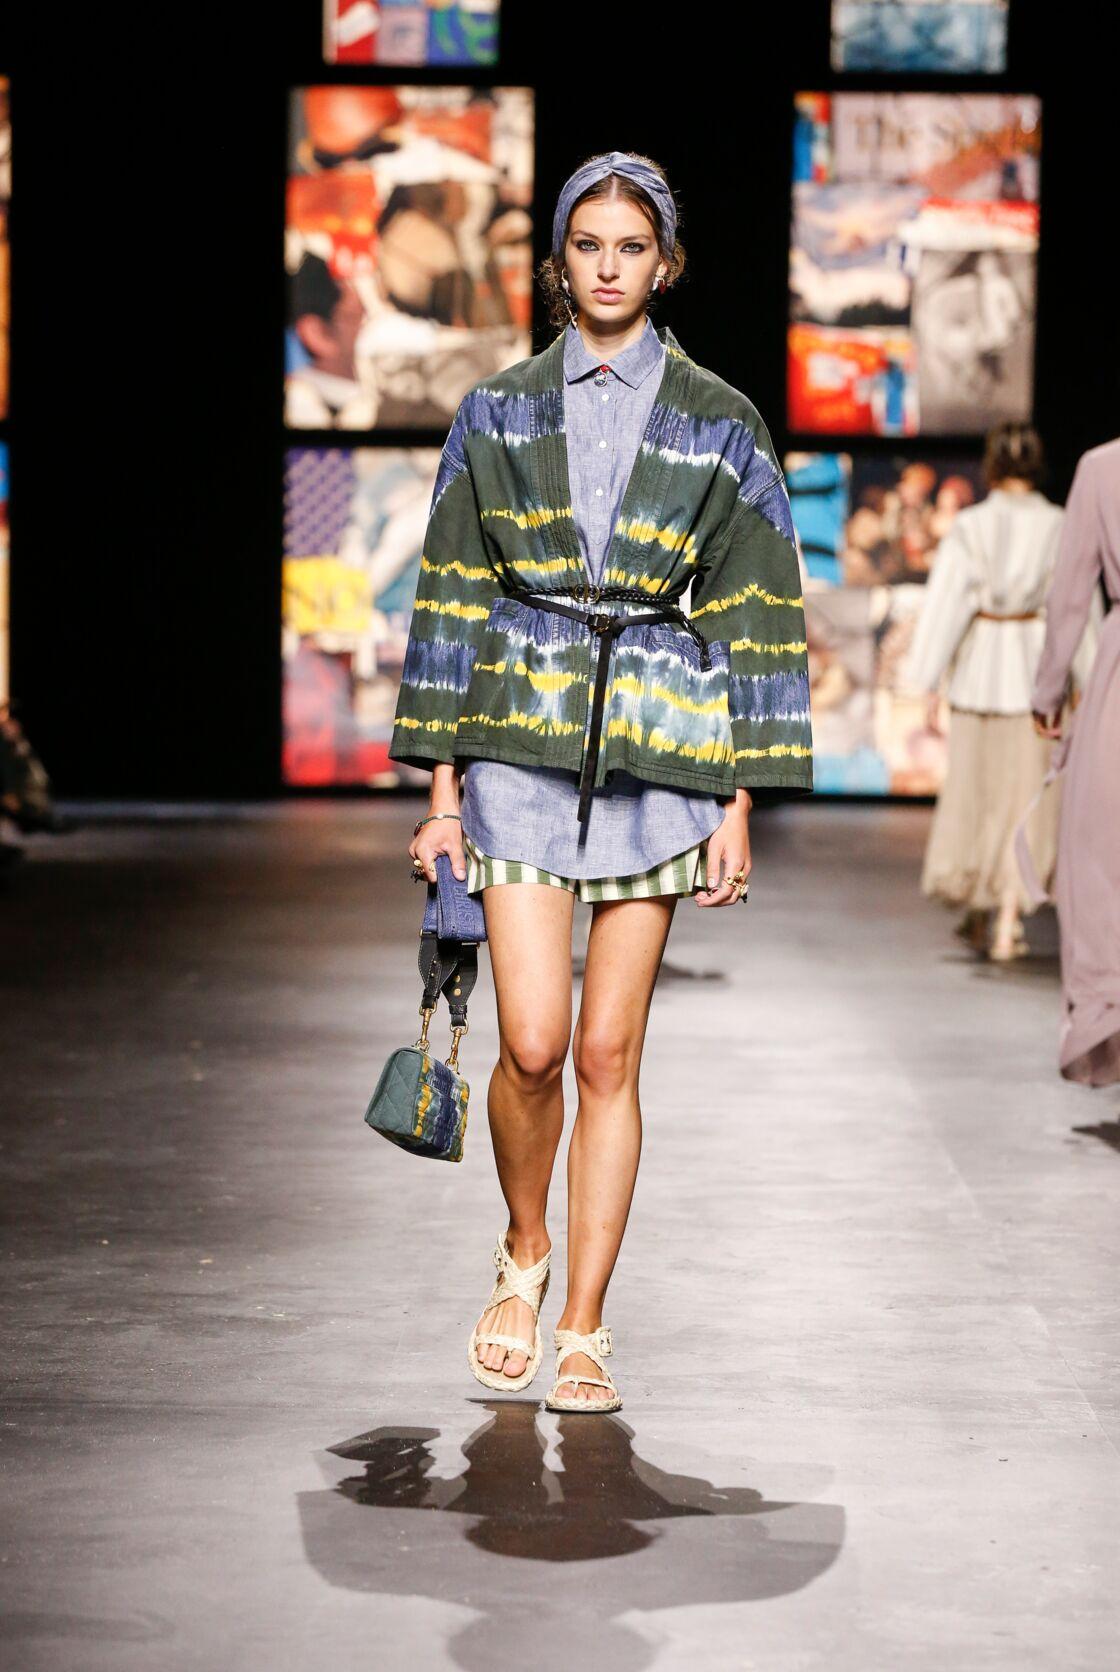 Resurgence de l'imprimé tie and die pour le printemps-été 2021 chez Dior, qui l'a déjà exploité dans de précédentes collections.